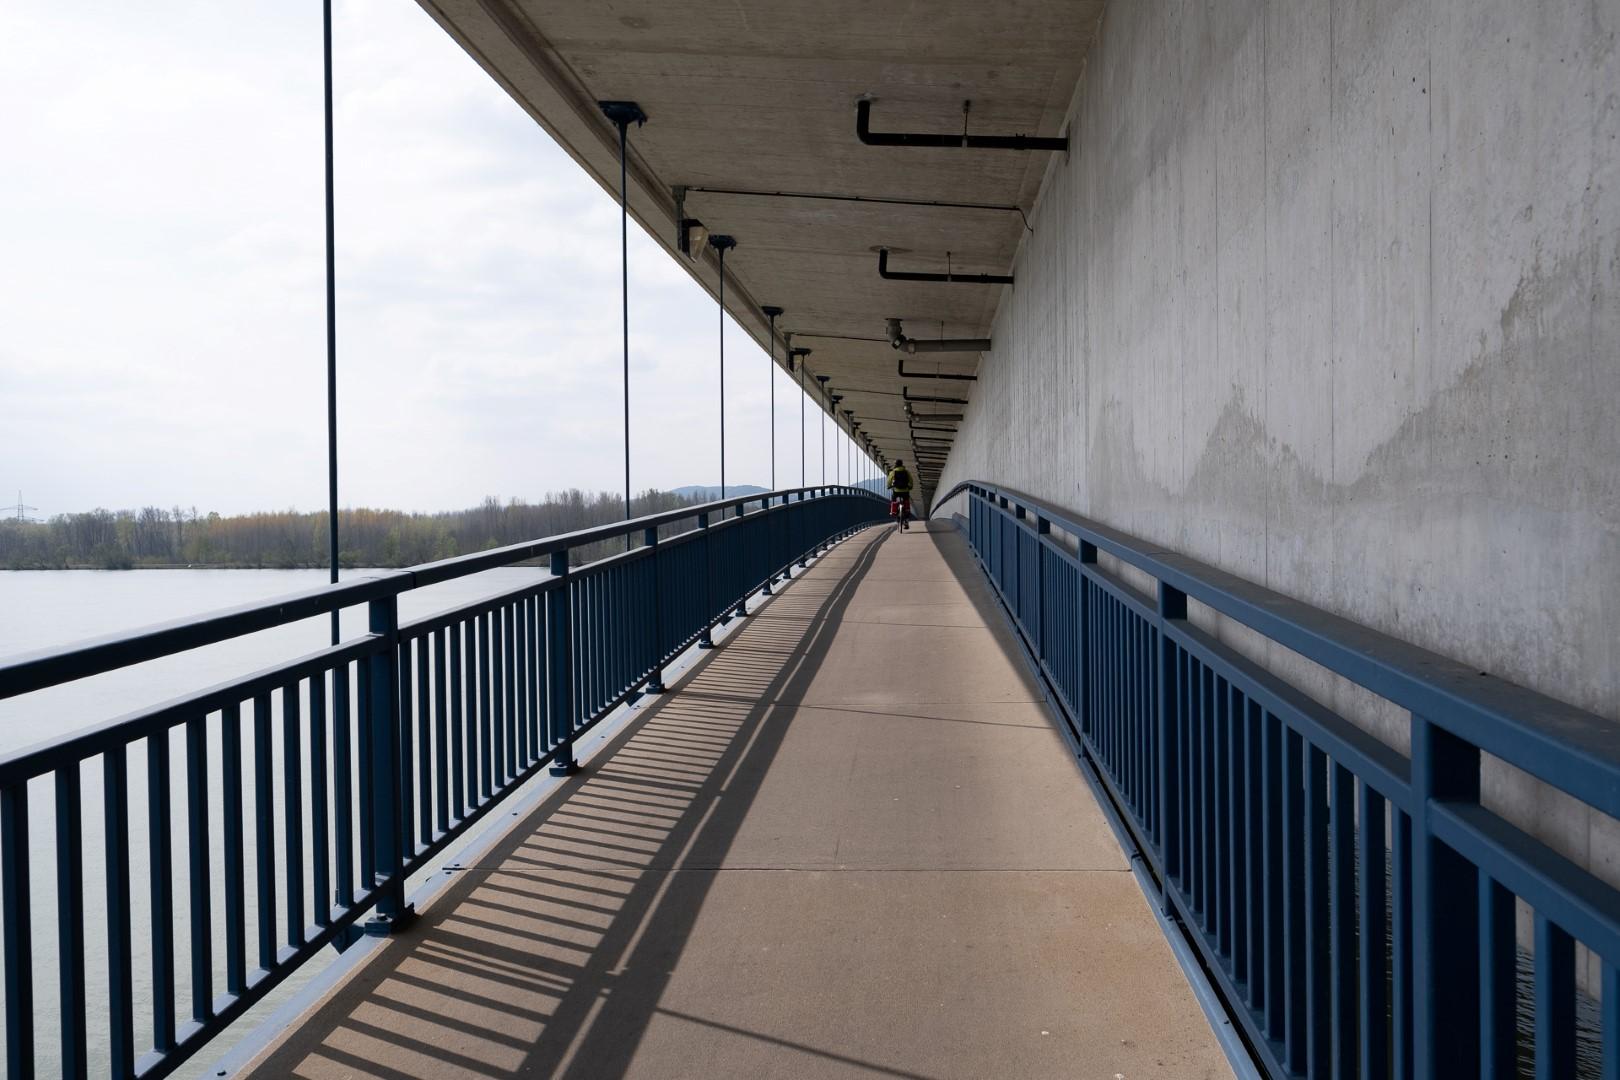 035-bridge2-custom